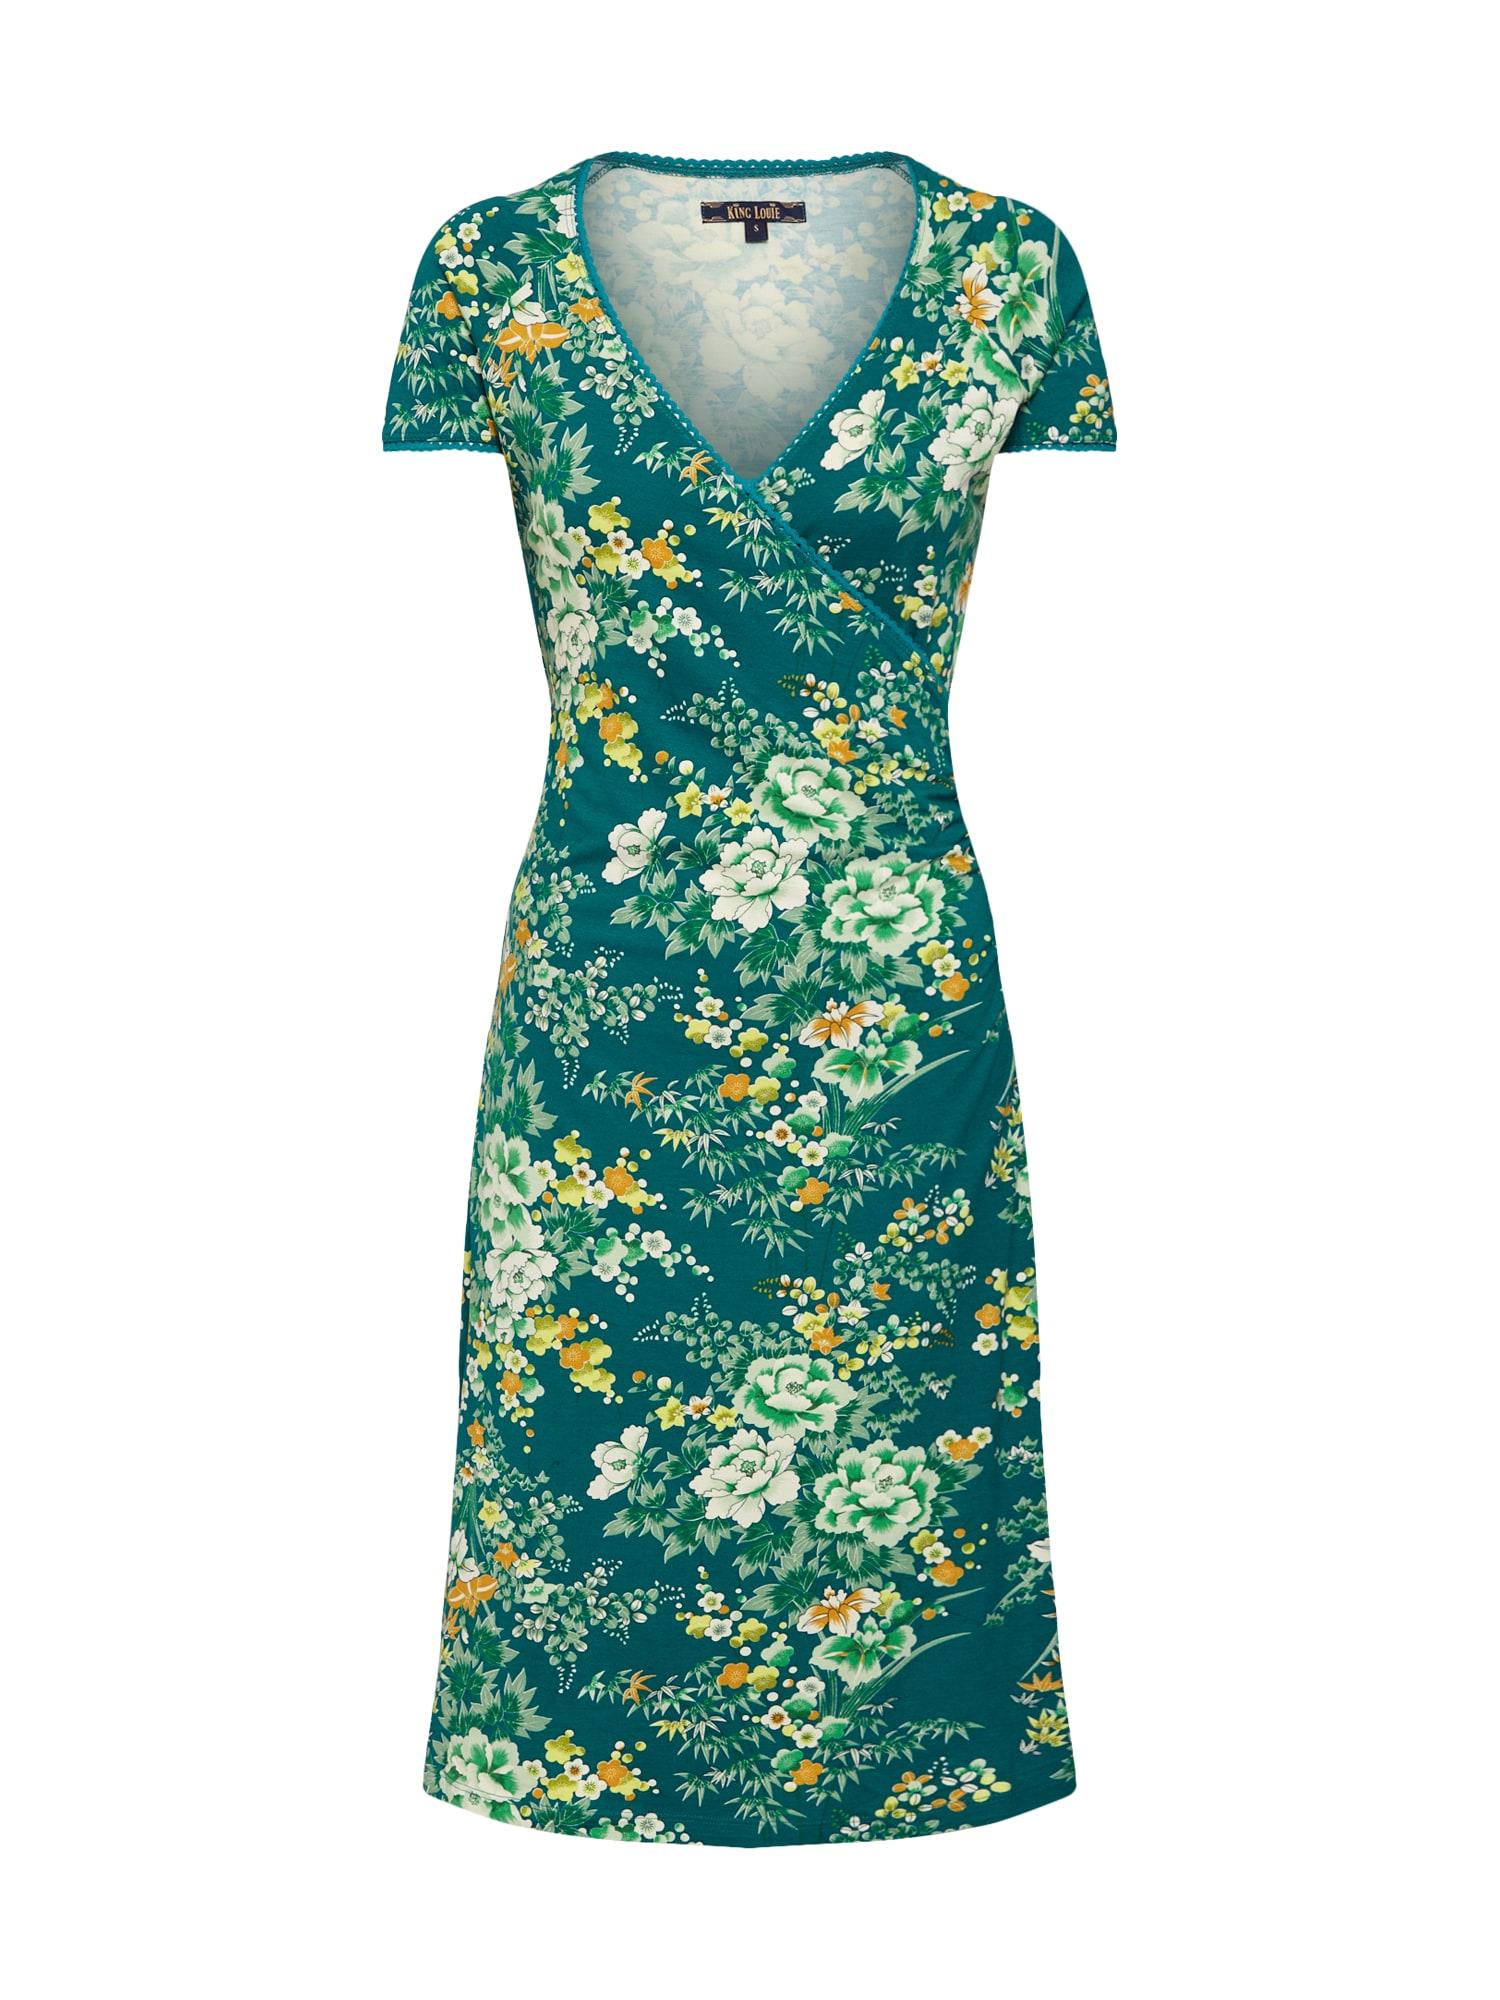 Letní šaty Makura zelená světle zelená mix barev King Louie